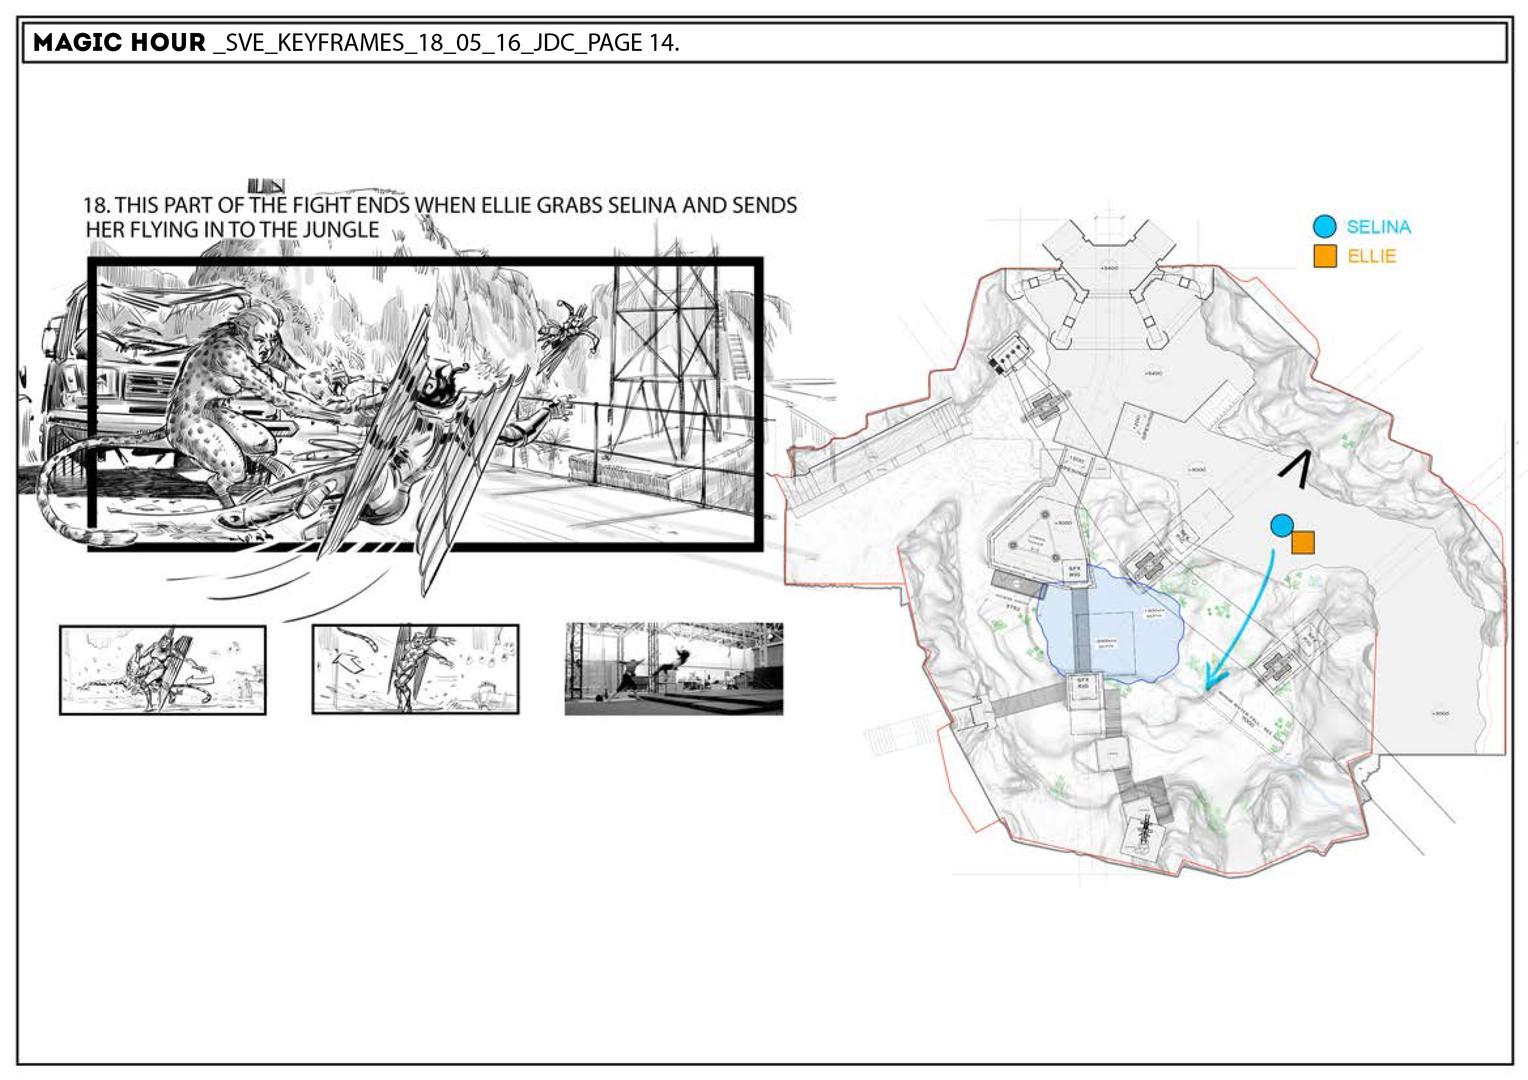 MH_SVE_COMPOUND_KEYFRAMES_PLAN_18_05_24_